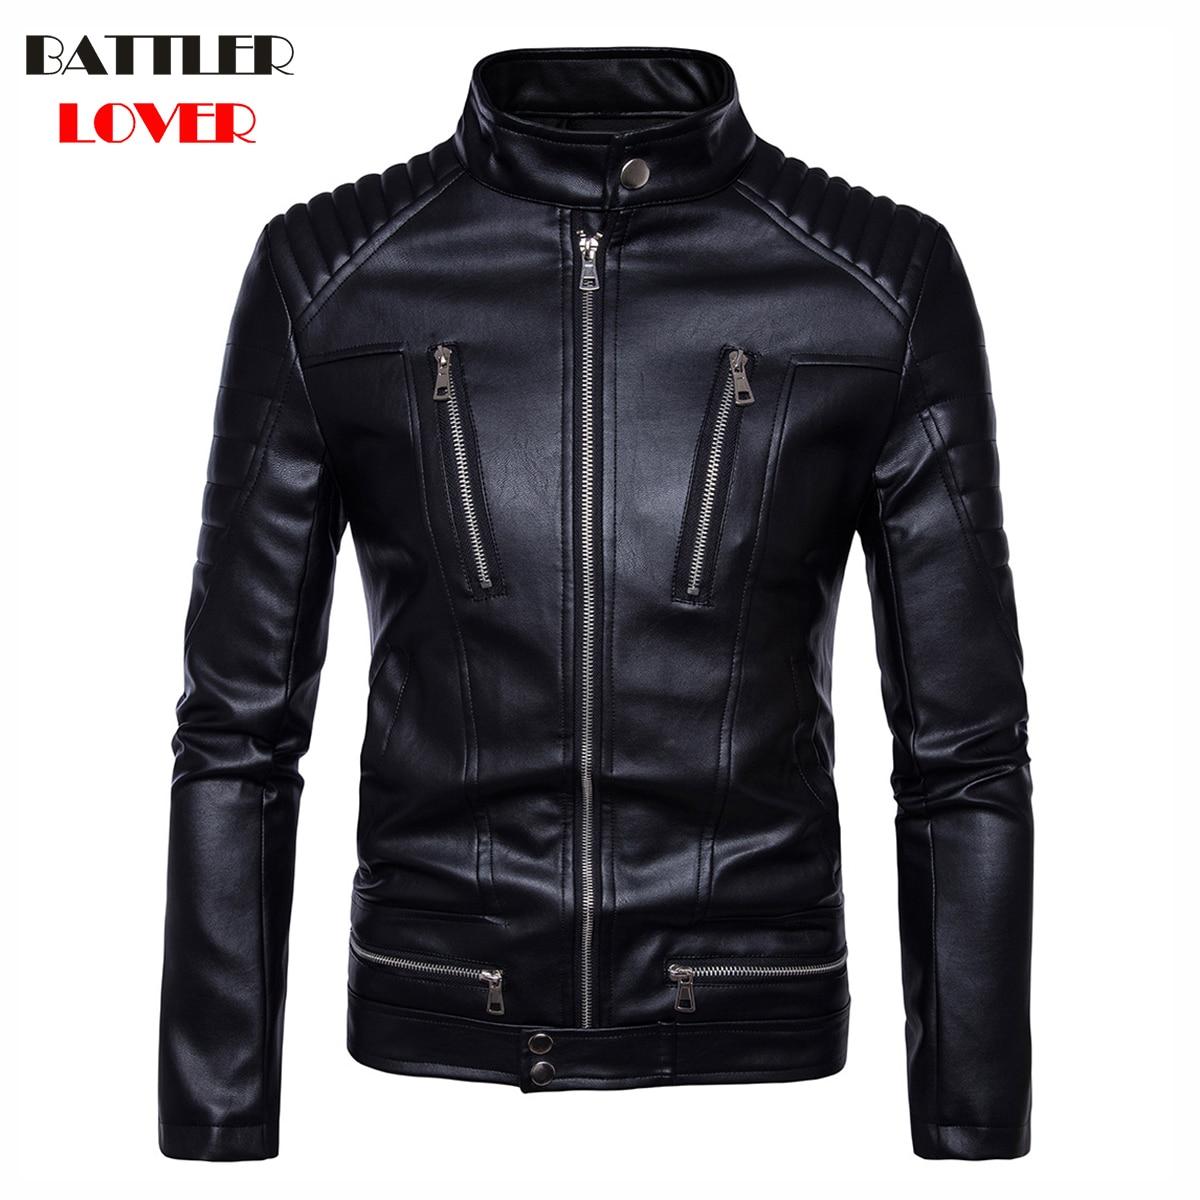 2020 Fashion Leather Jackets Men Bomber Winter Motorcycle Jacket Steampunk Man Leather Windbreaker Moto Biker Coat Hombre New